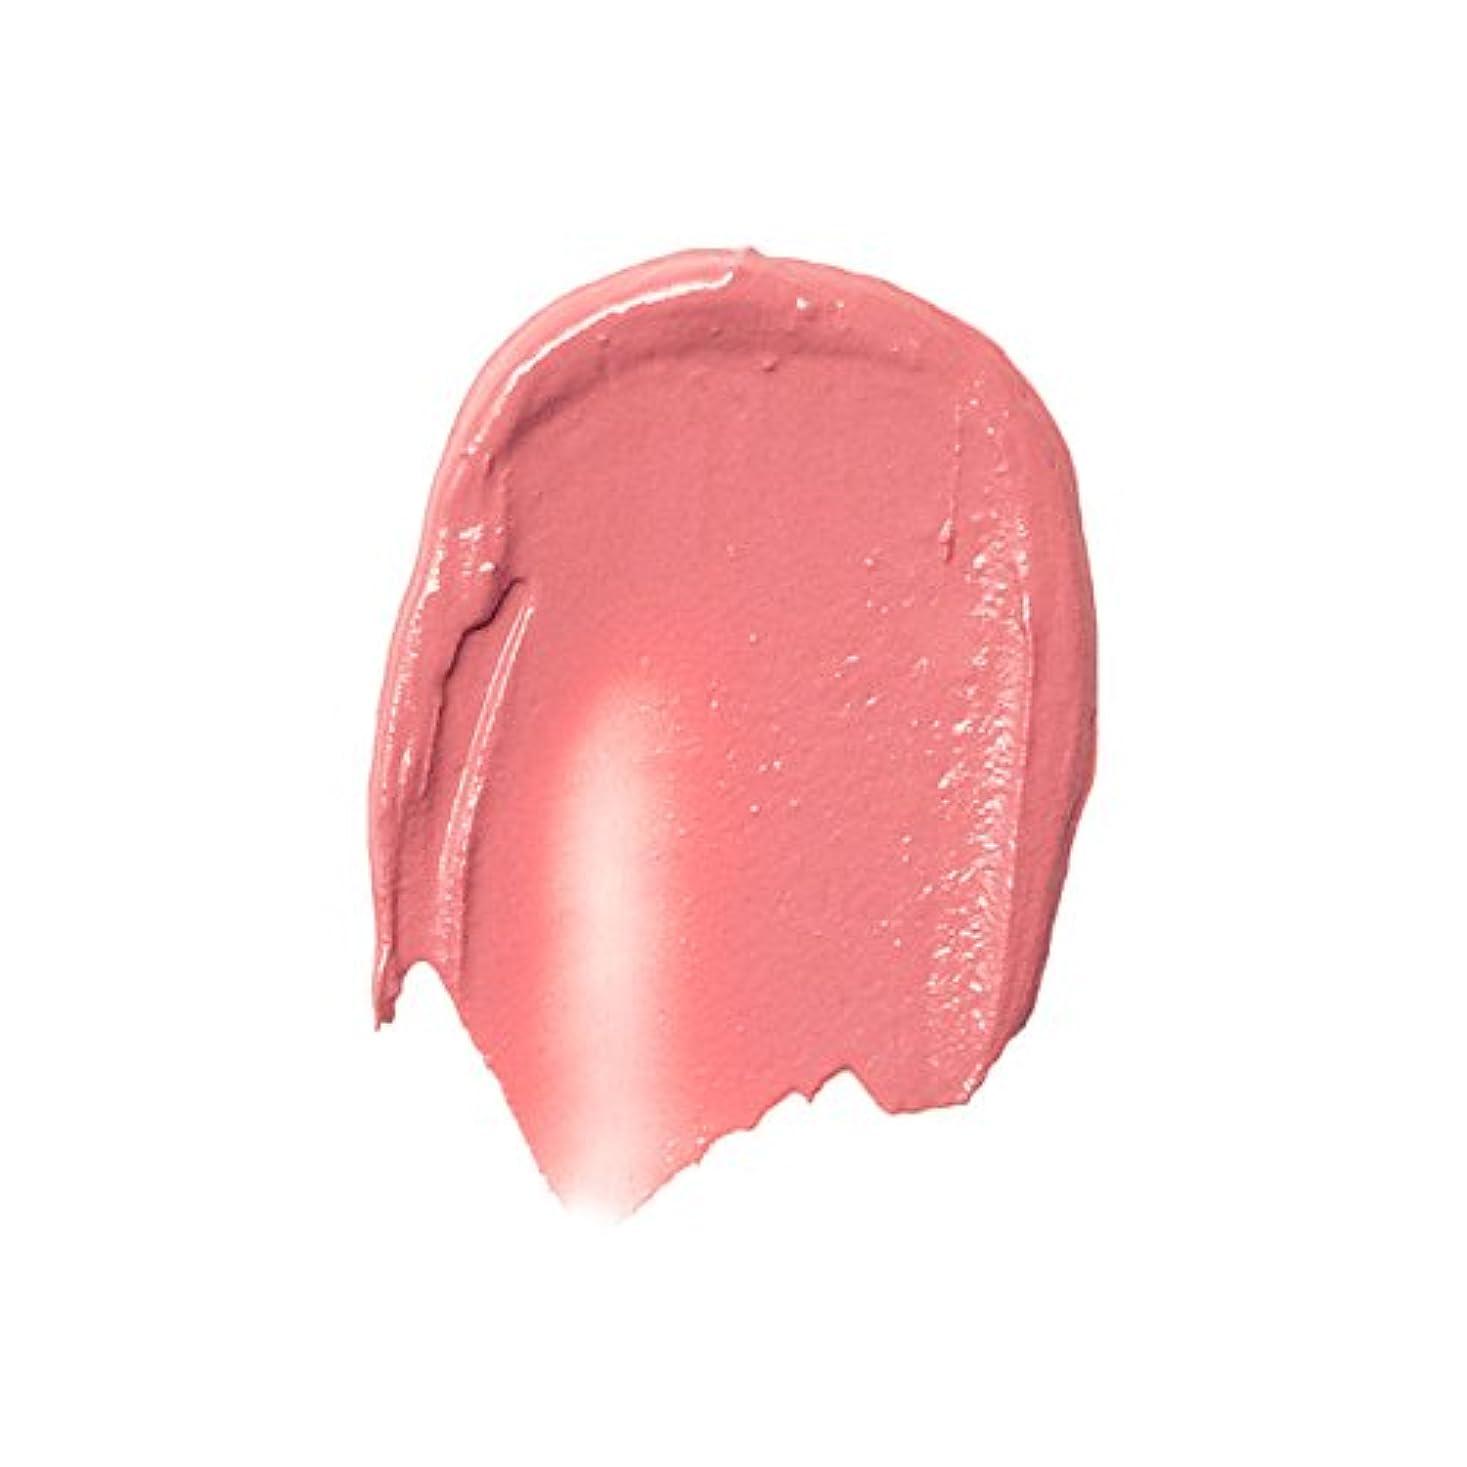 ボビィブラウン(ボビー ブラウン) リュクスリップカラー #14 Pink Cloud